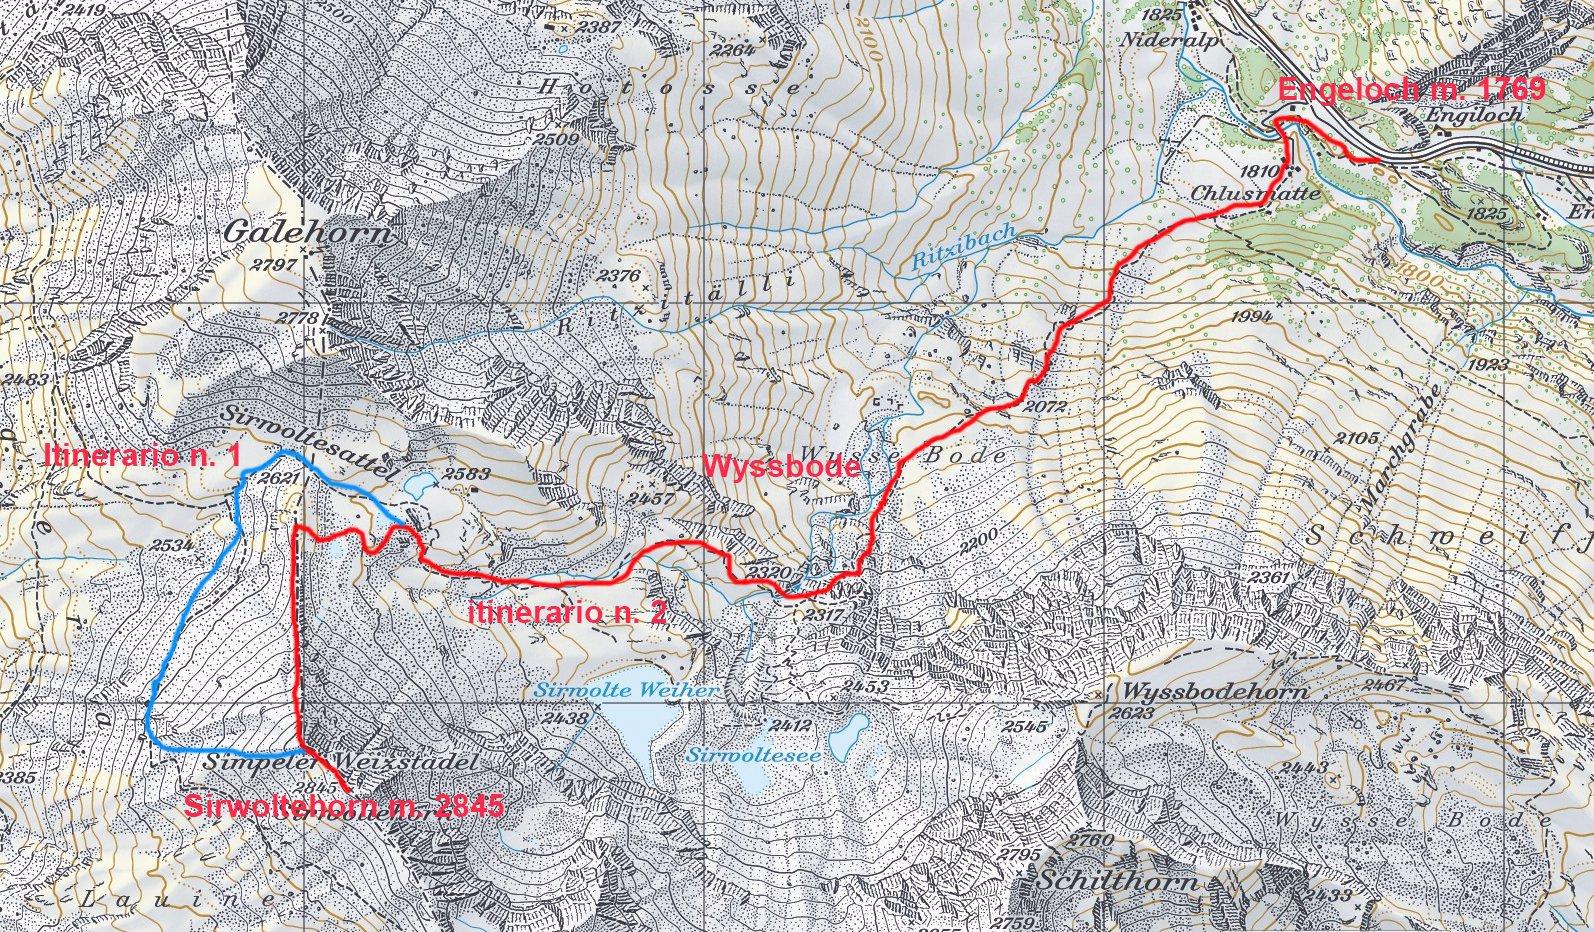 mappa CNS e itinerari di salita n. 1  e n. 2